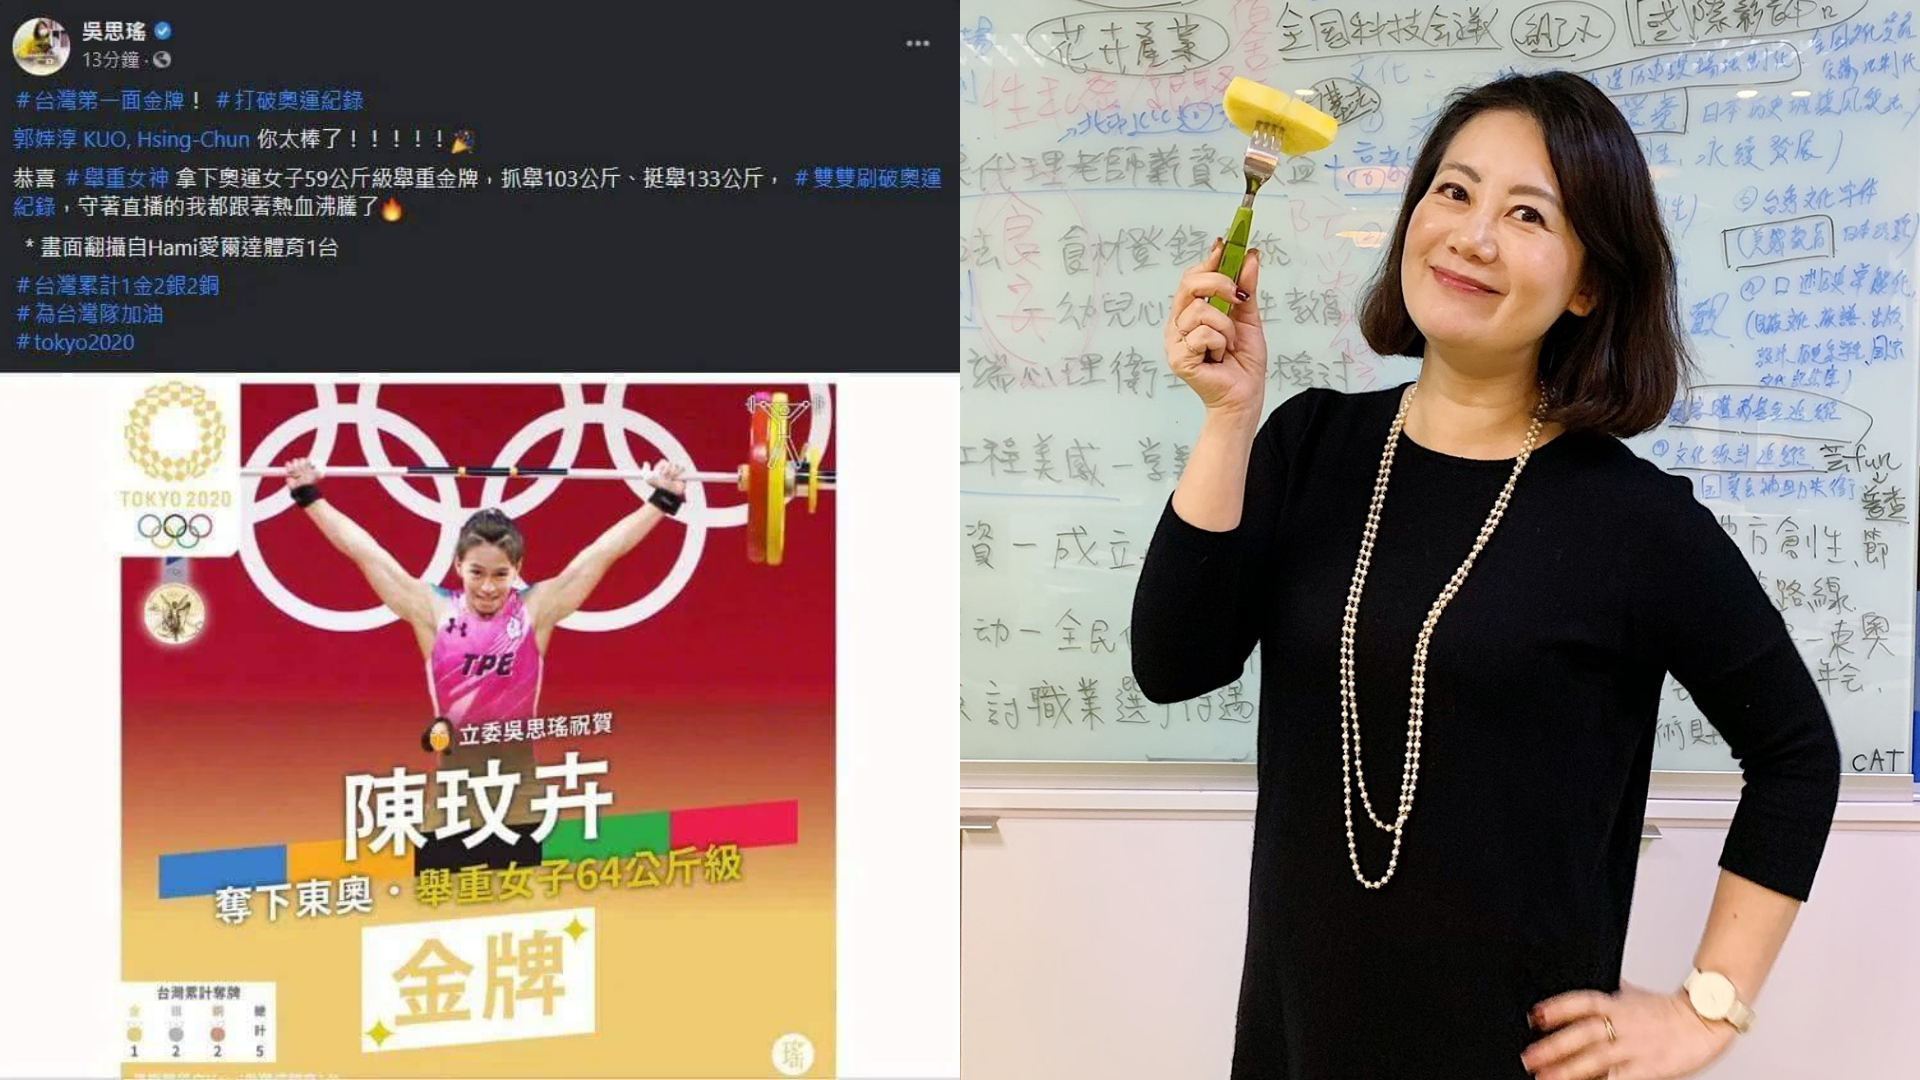 圖/PTT、吳思瑤臉書 蹭流量不做功課!郭婞淳奪金 吳思瑤「恭喜陳玟卉」